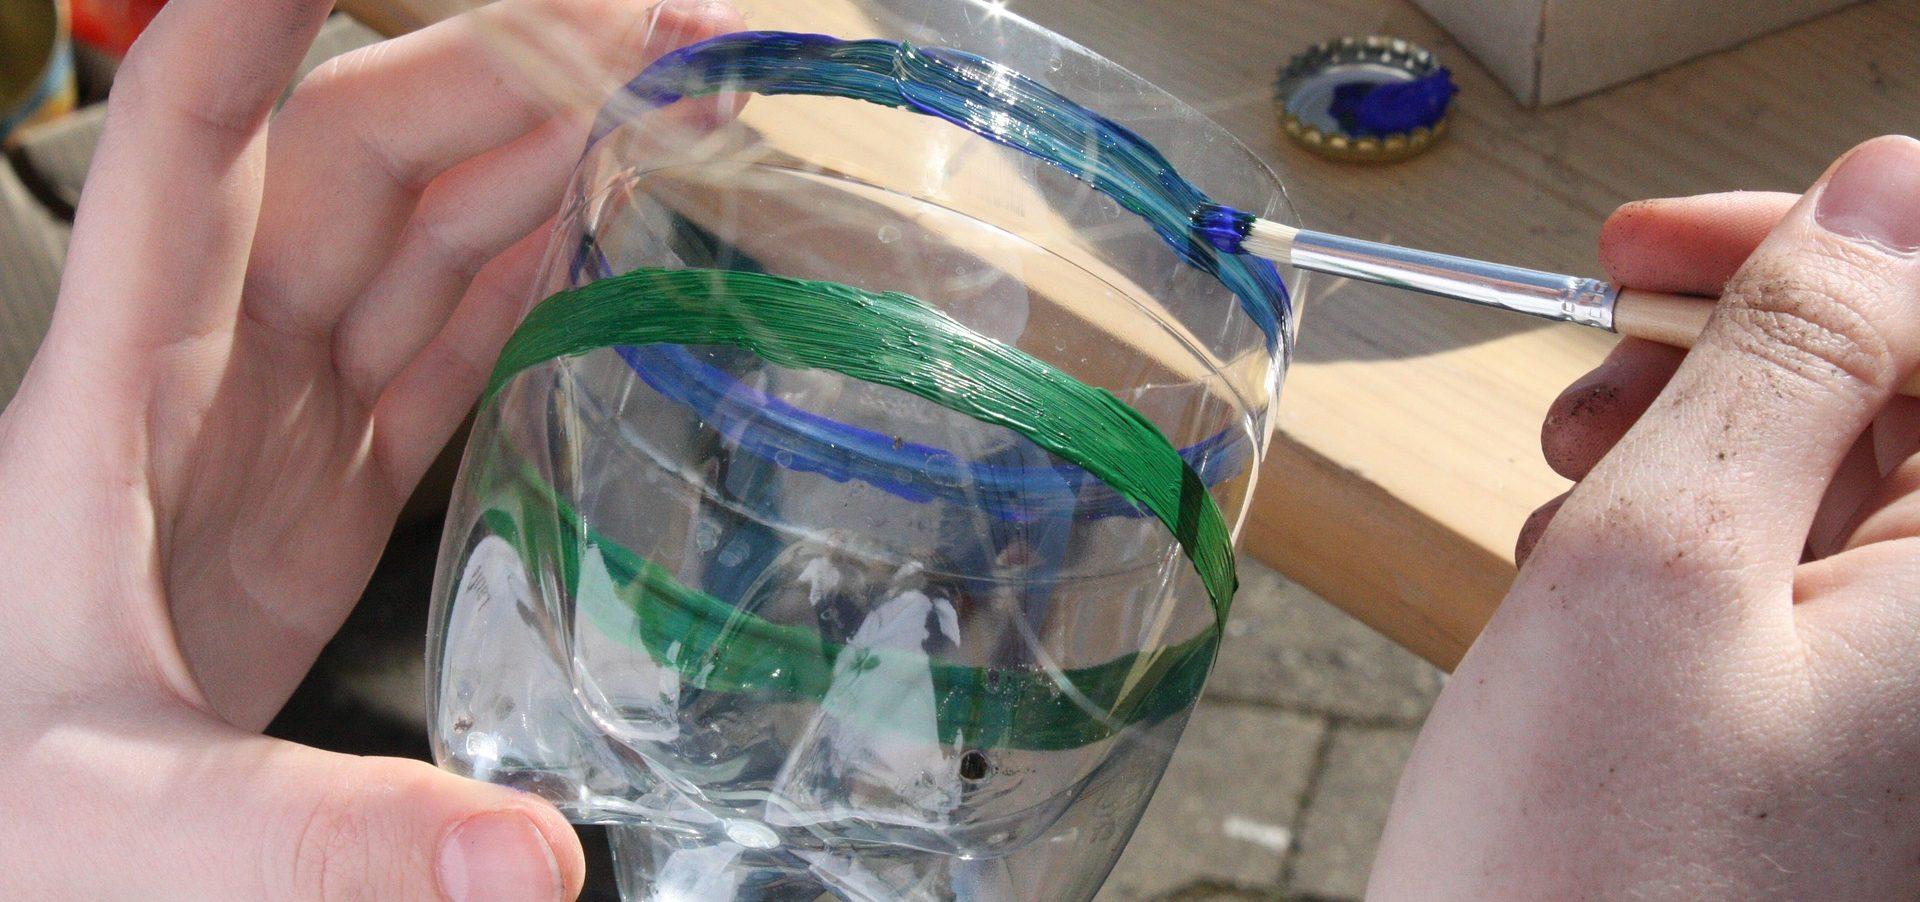 Schönes aus Müll: Upcycling-Projekte machen Kindern Spaß und schaffen gleichzeitig ein Bewusstsein für Nachhaltigkeit.